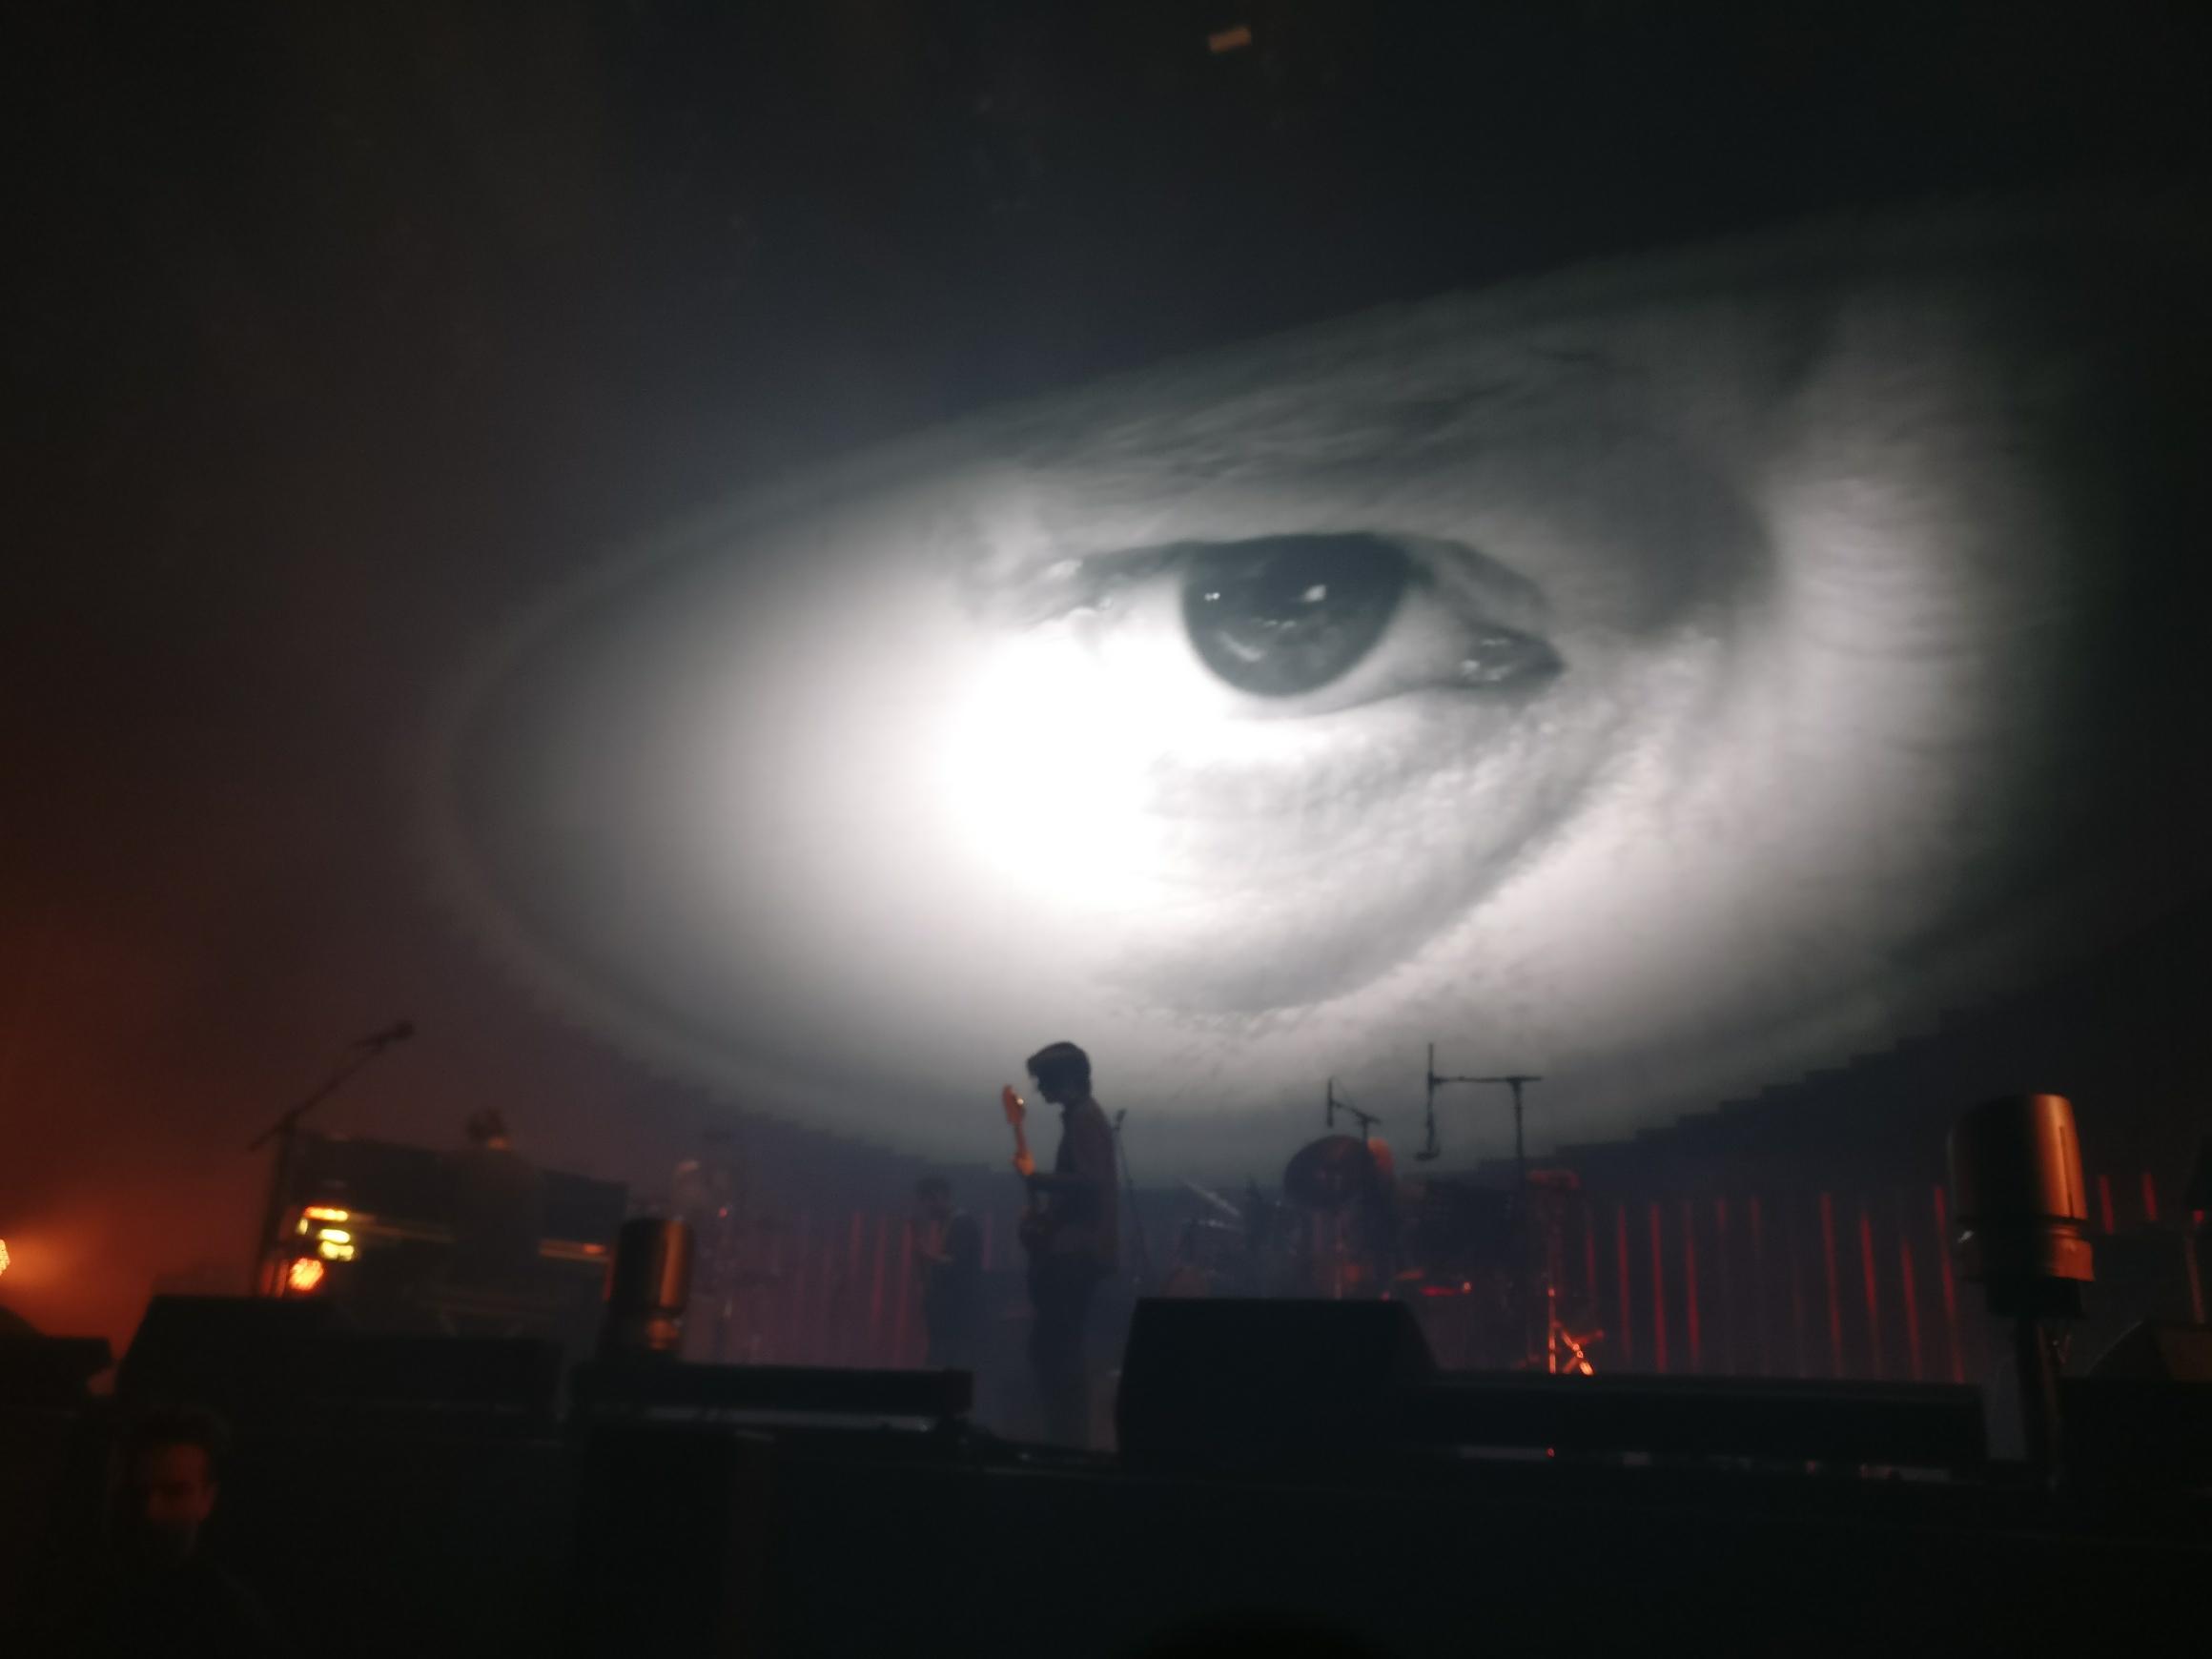 Thom Yorke's eye—perhaps too human now?